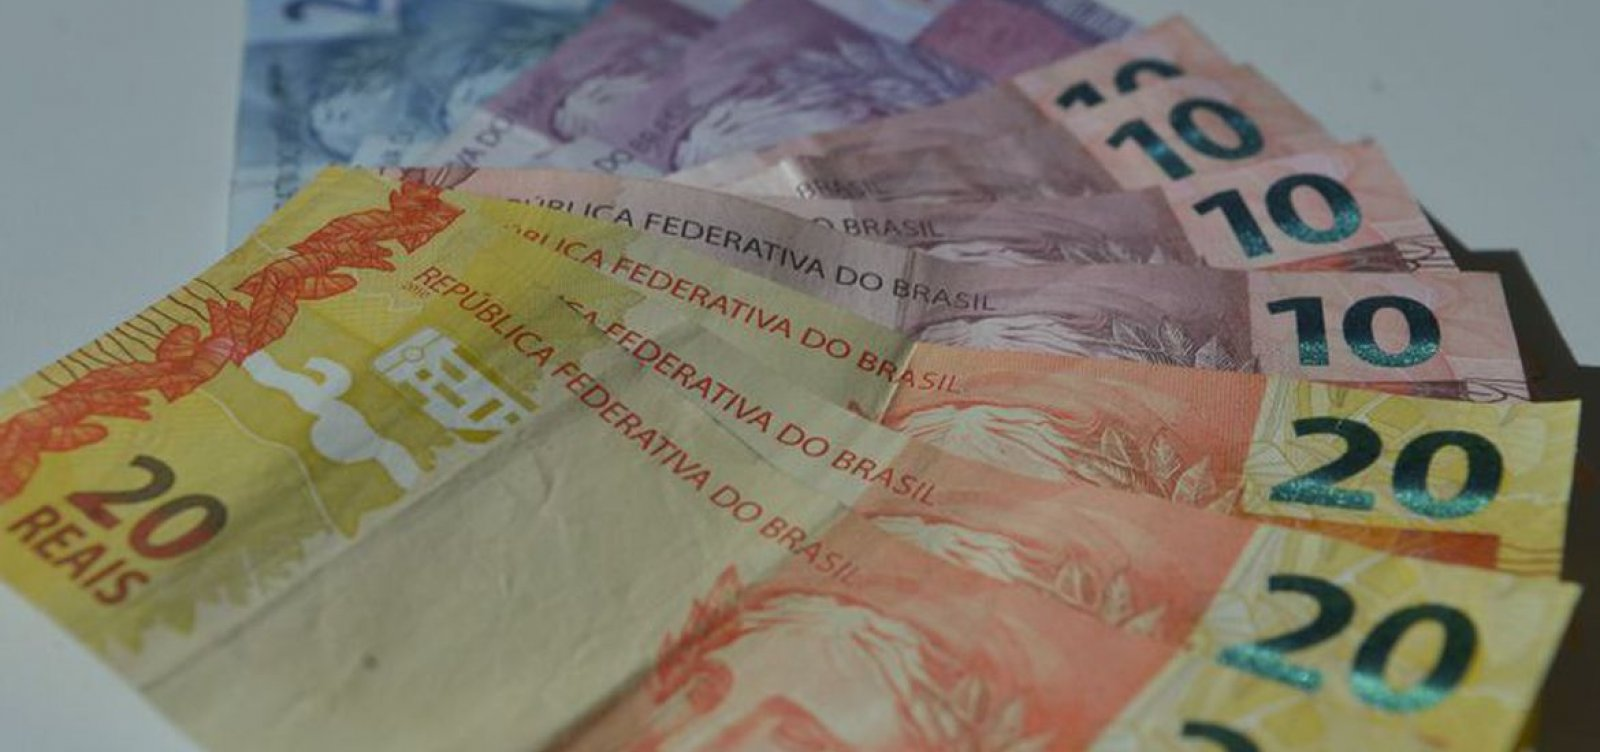 [TCU determina que militares devolvam R$ 600 do auxílio emergencial recebido de forma indevida]